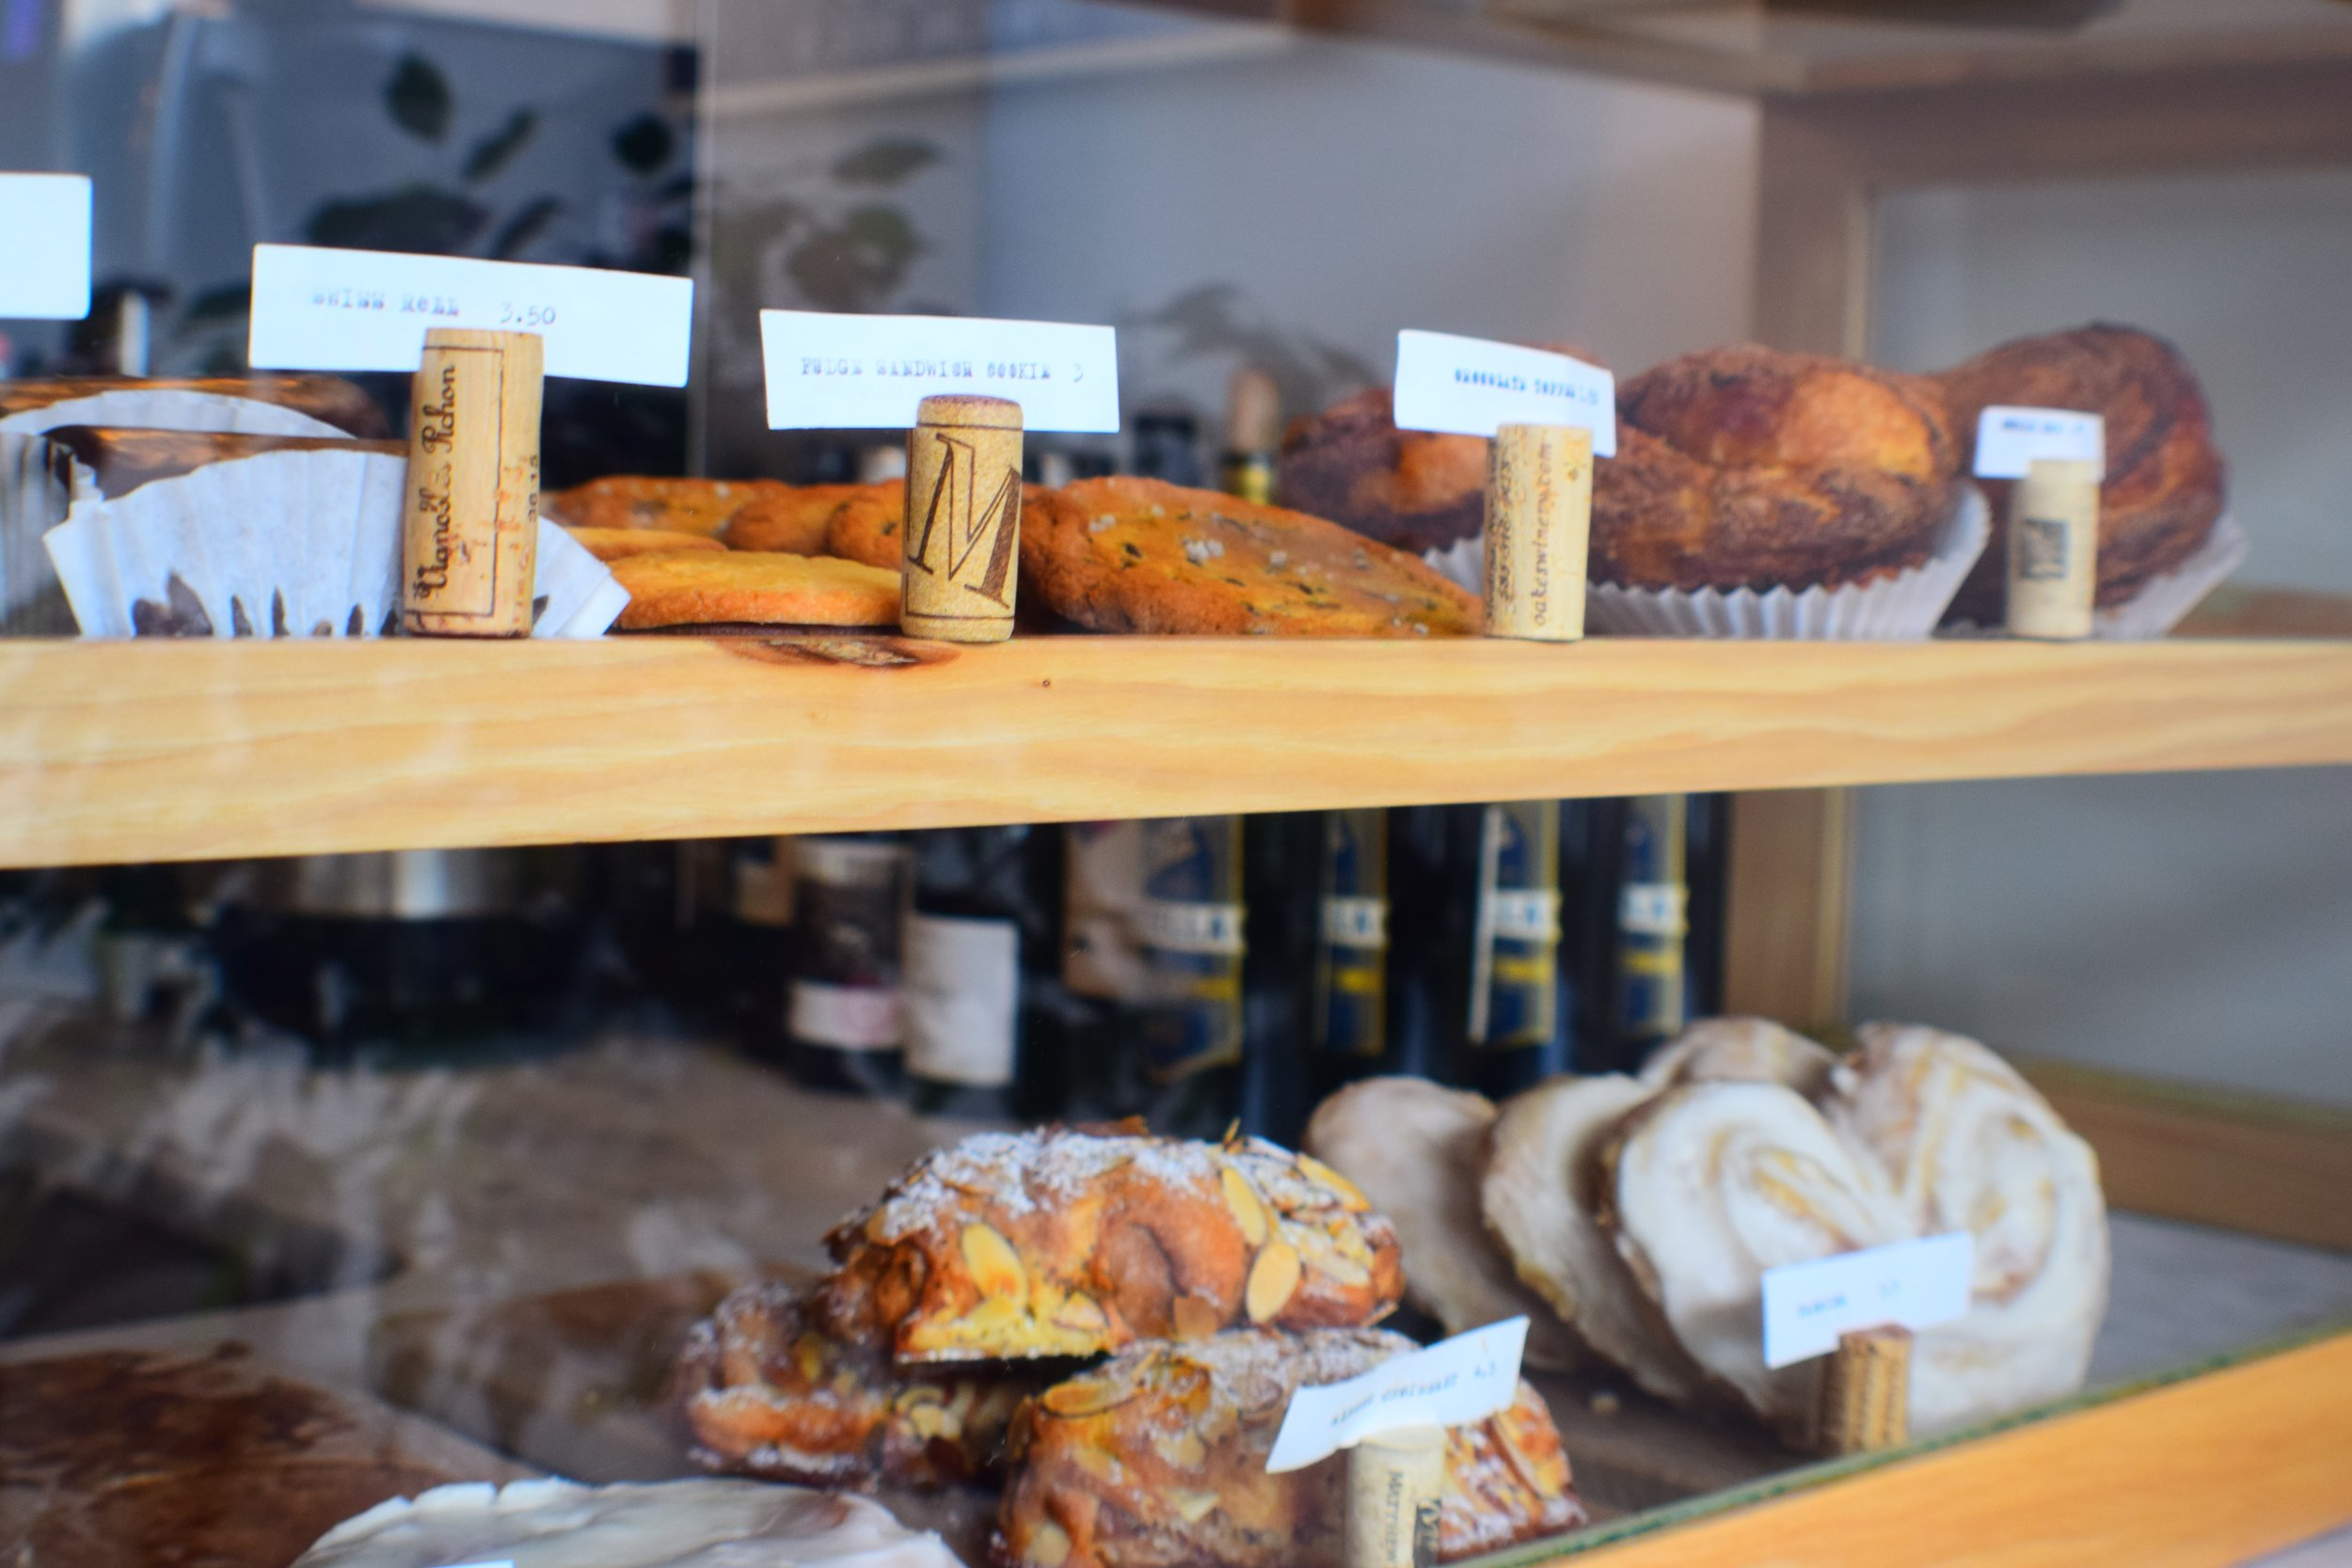 House-made treats on display at The Grange Community Kitchen near Buffalo, NY